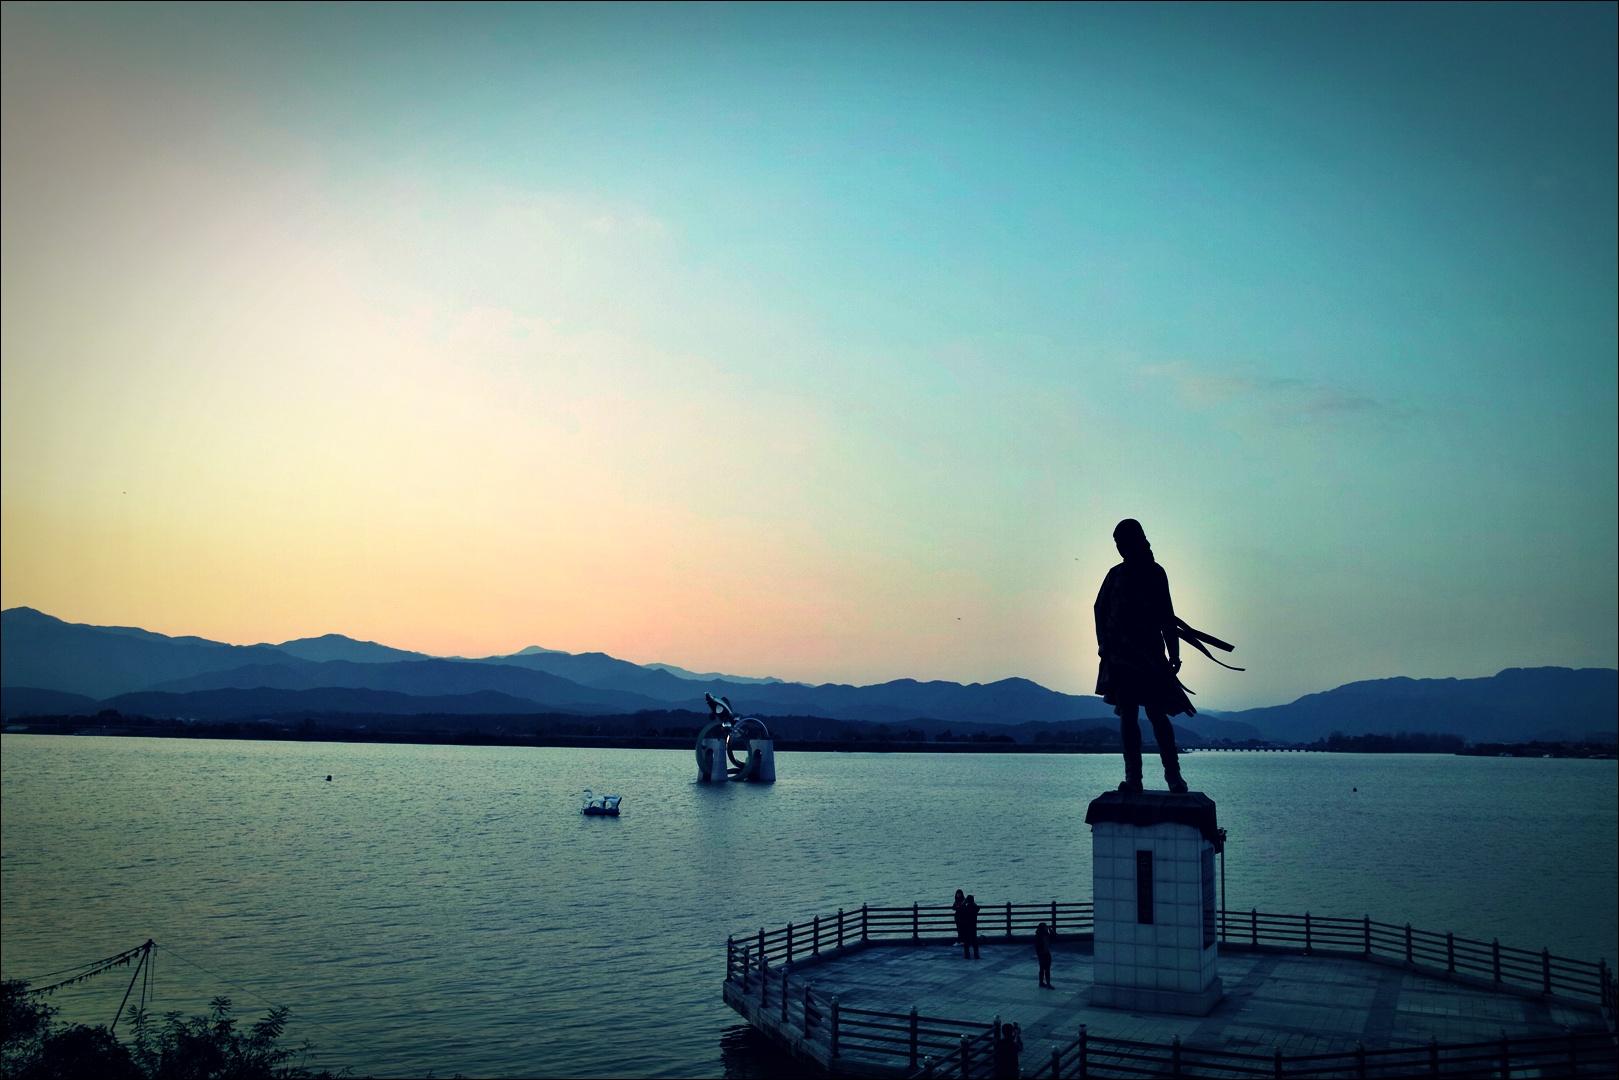 소양강 처녀-'북한강 자전거 종주'